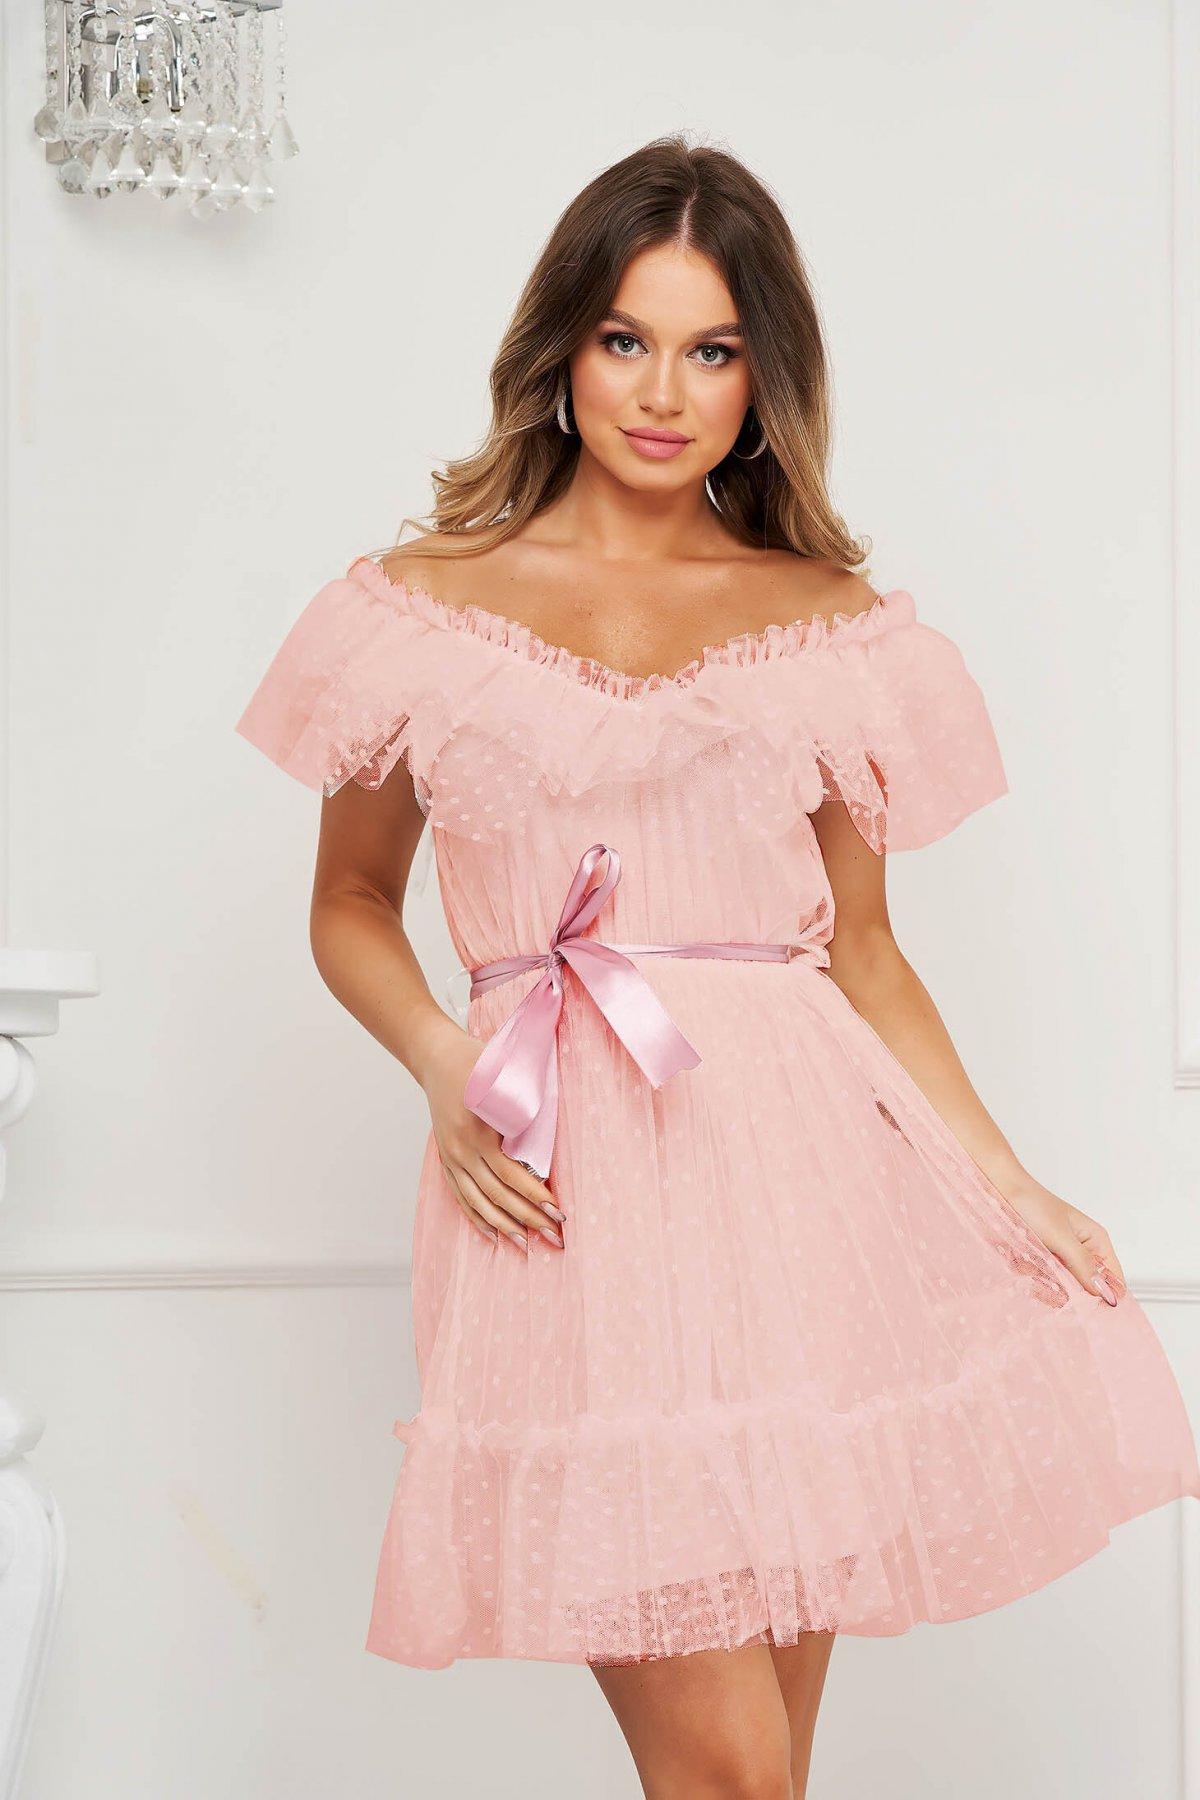 Rochie roz prafuit de ocazie din tul in clos cu aplicatii din plumeti pe umeri accesorizata cu cordon - medelin.ro